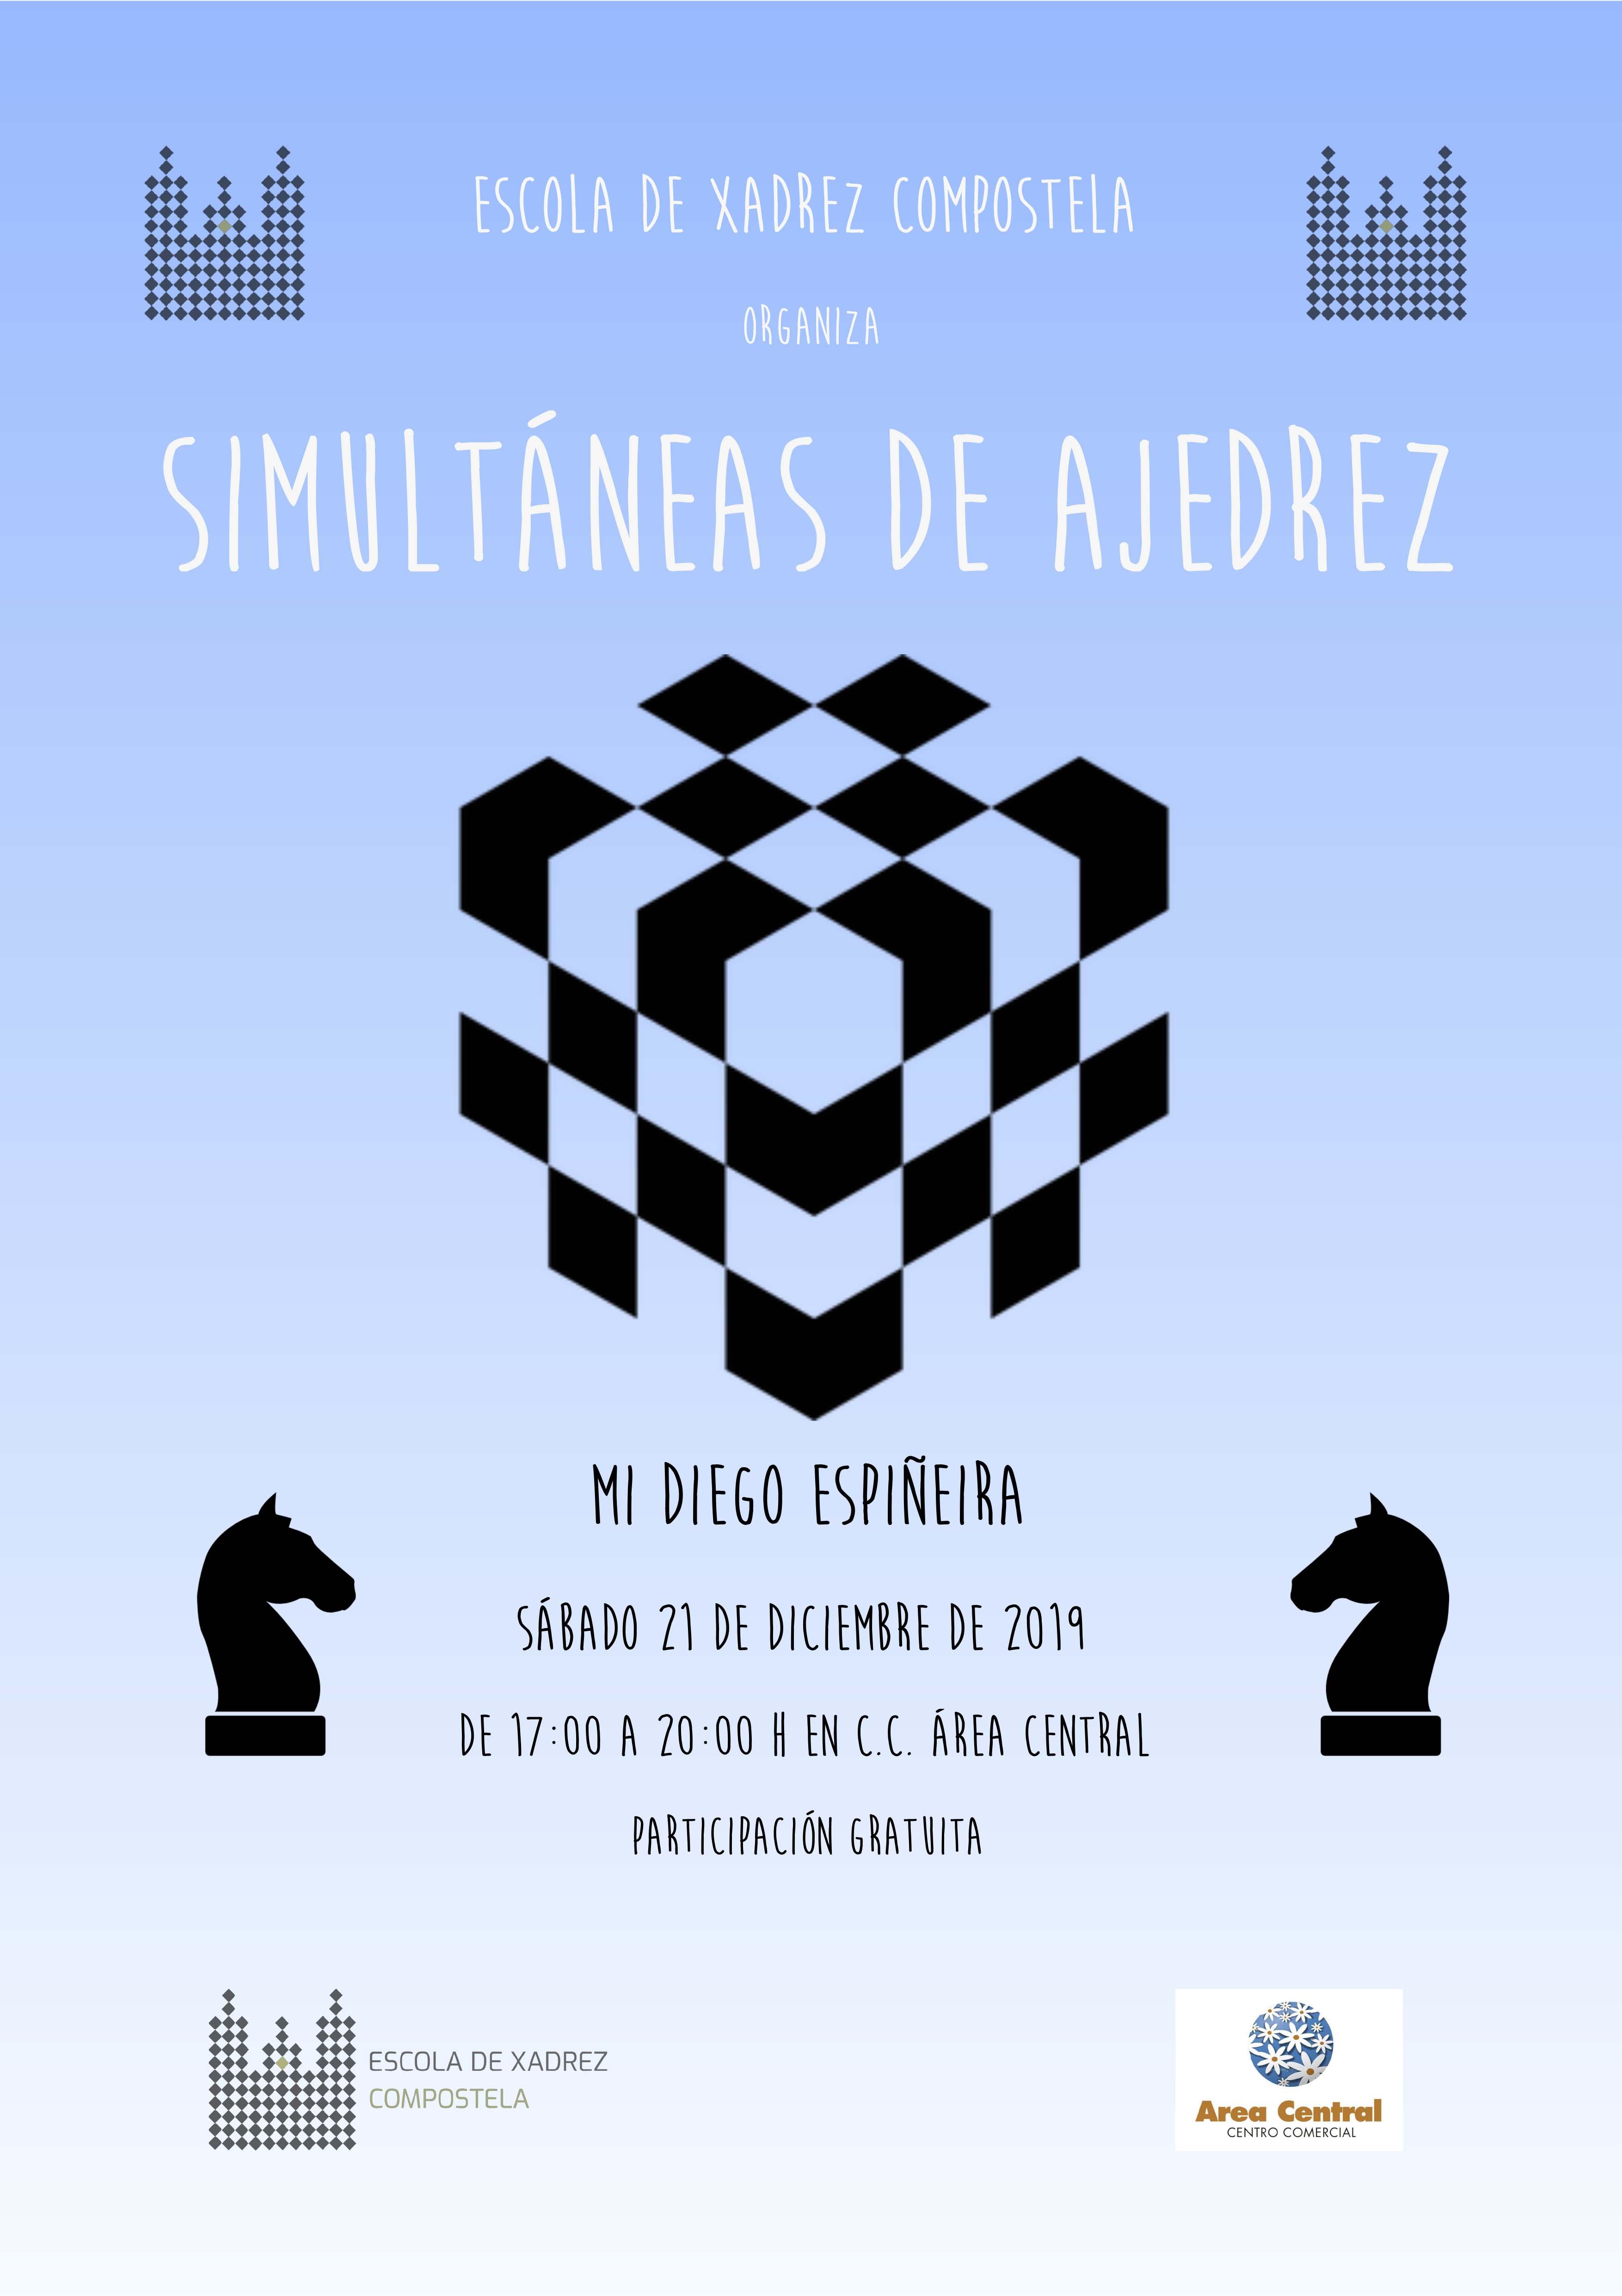 SIMULTÁNEAS DE XADREZ CON DIEGO ESPIÑEIRA